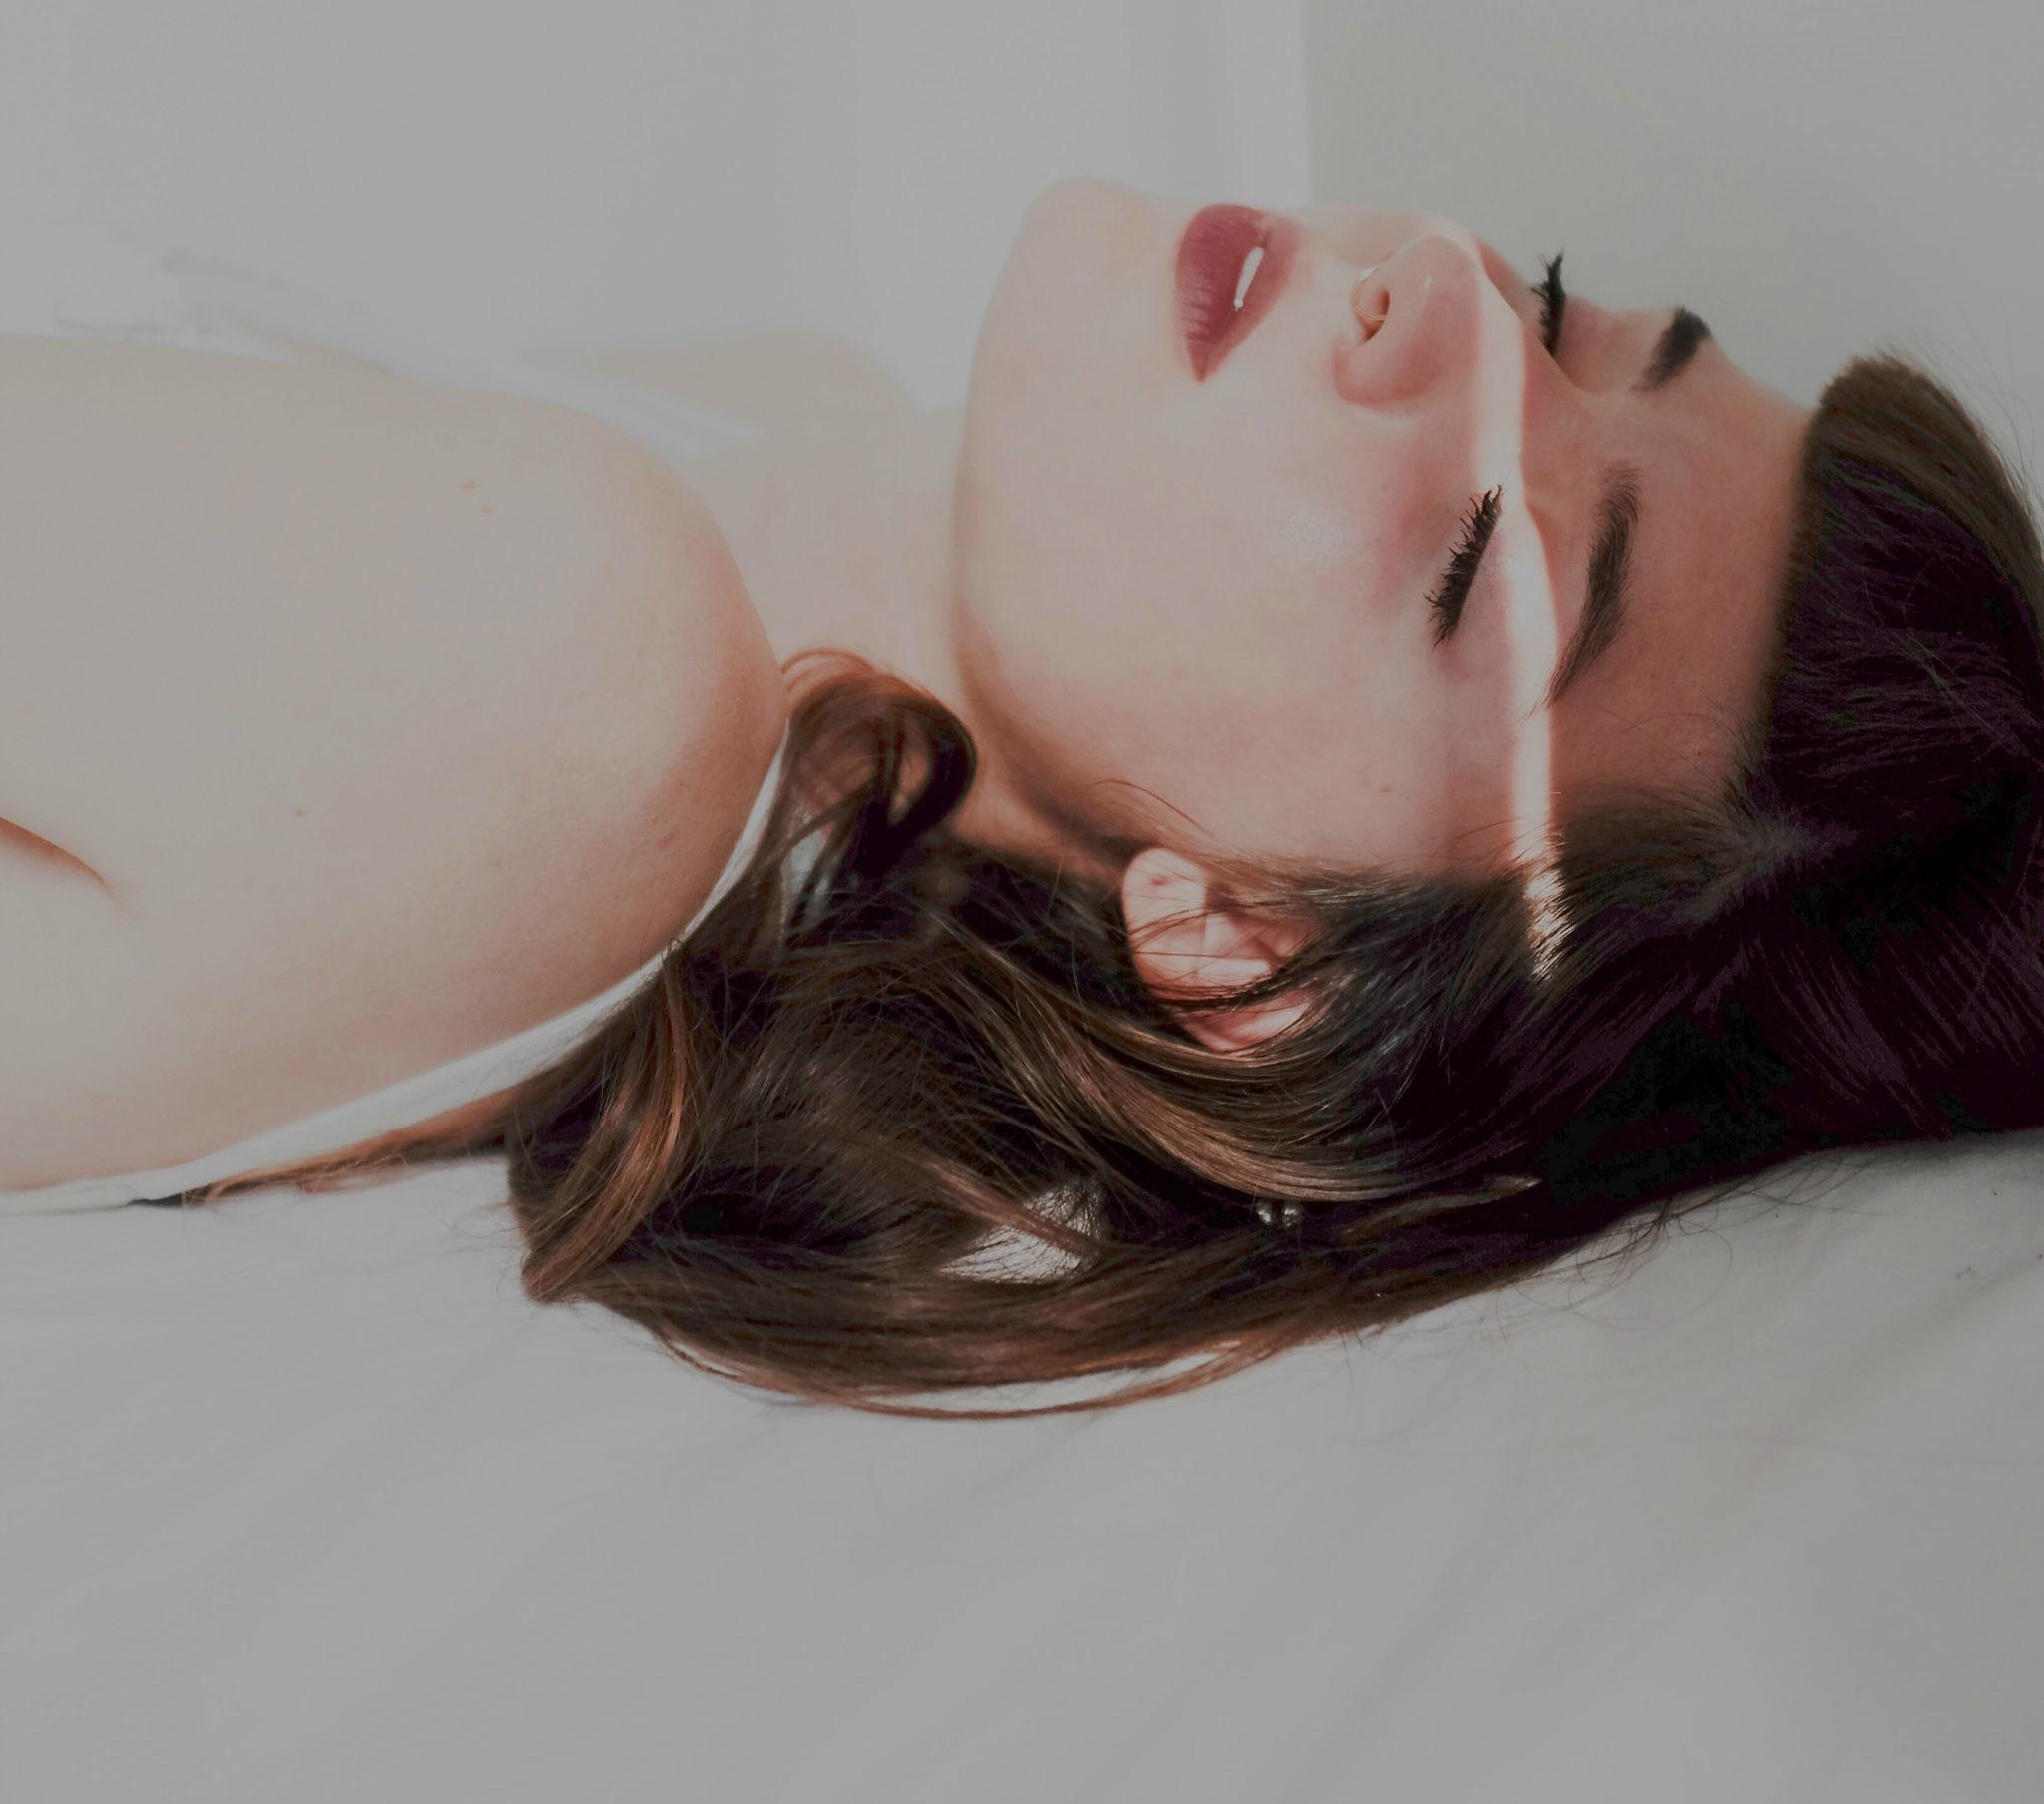 К чему снится любовь? Толкование романтических снов